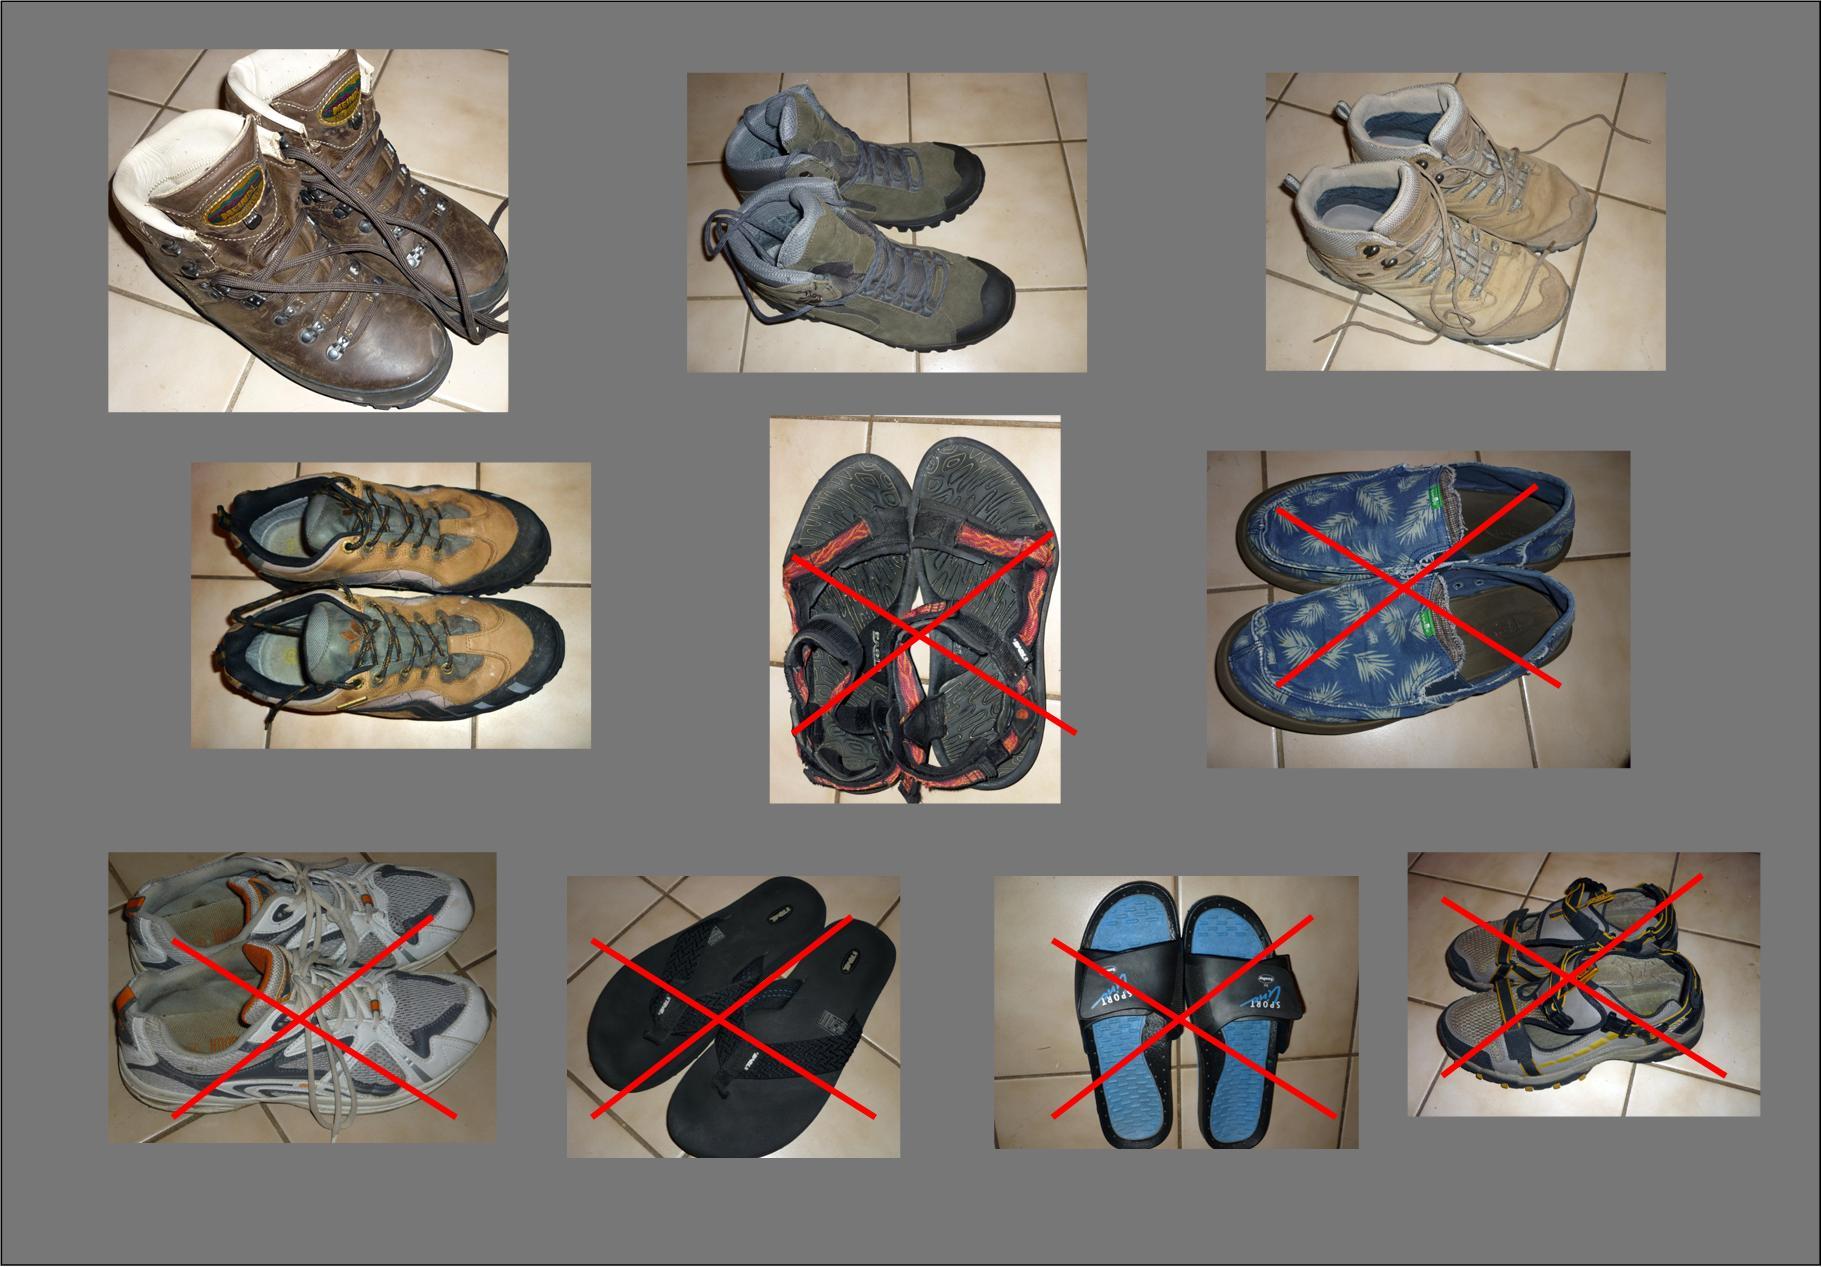 Irgendwie ist jedwedes Schuhwerk irgendwann mal zu irgendwas nütze. Aber ein Irgendwas als Schusters Rappen  taugt nicht, auf längeren Strecken im Gelände unterwegs zu sein. In der allergrößten Not sind  hochwertige Outdoor-Sandalen mehr wert als billige Turnschuhe.